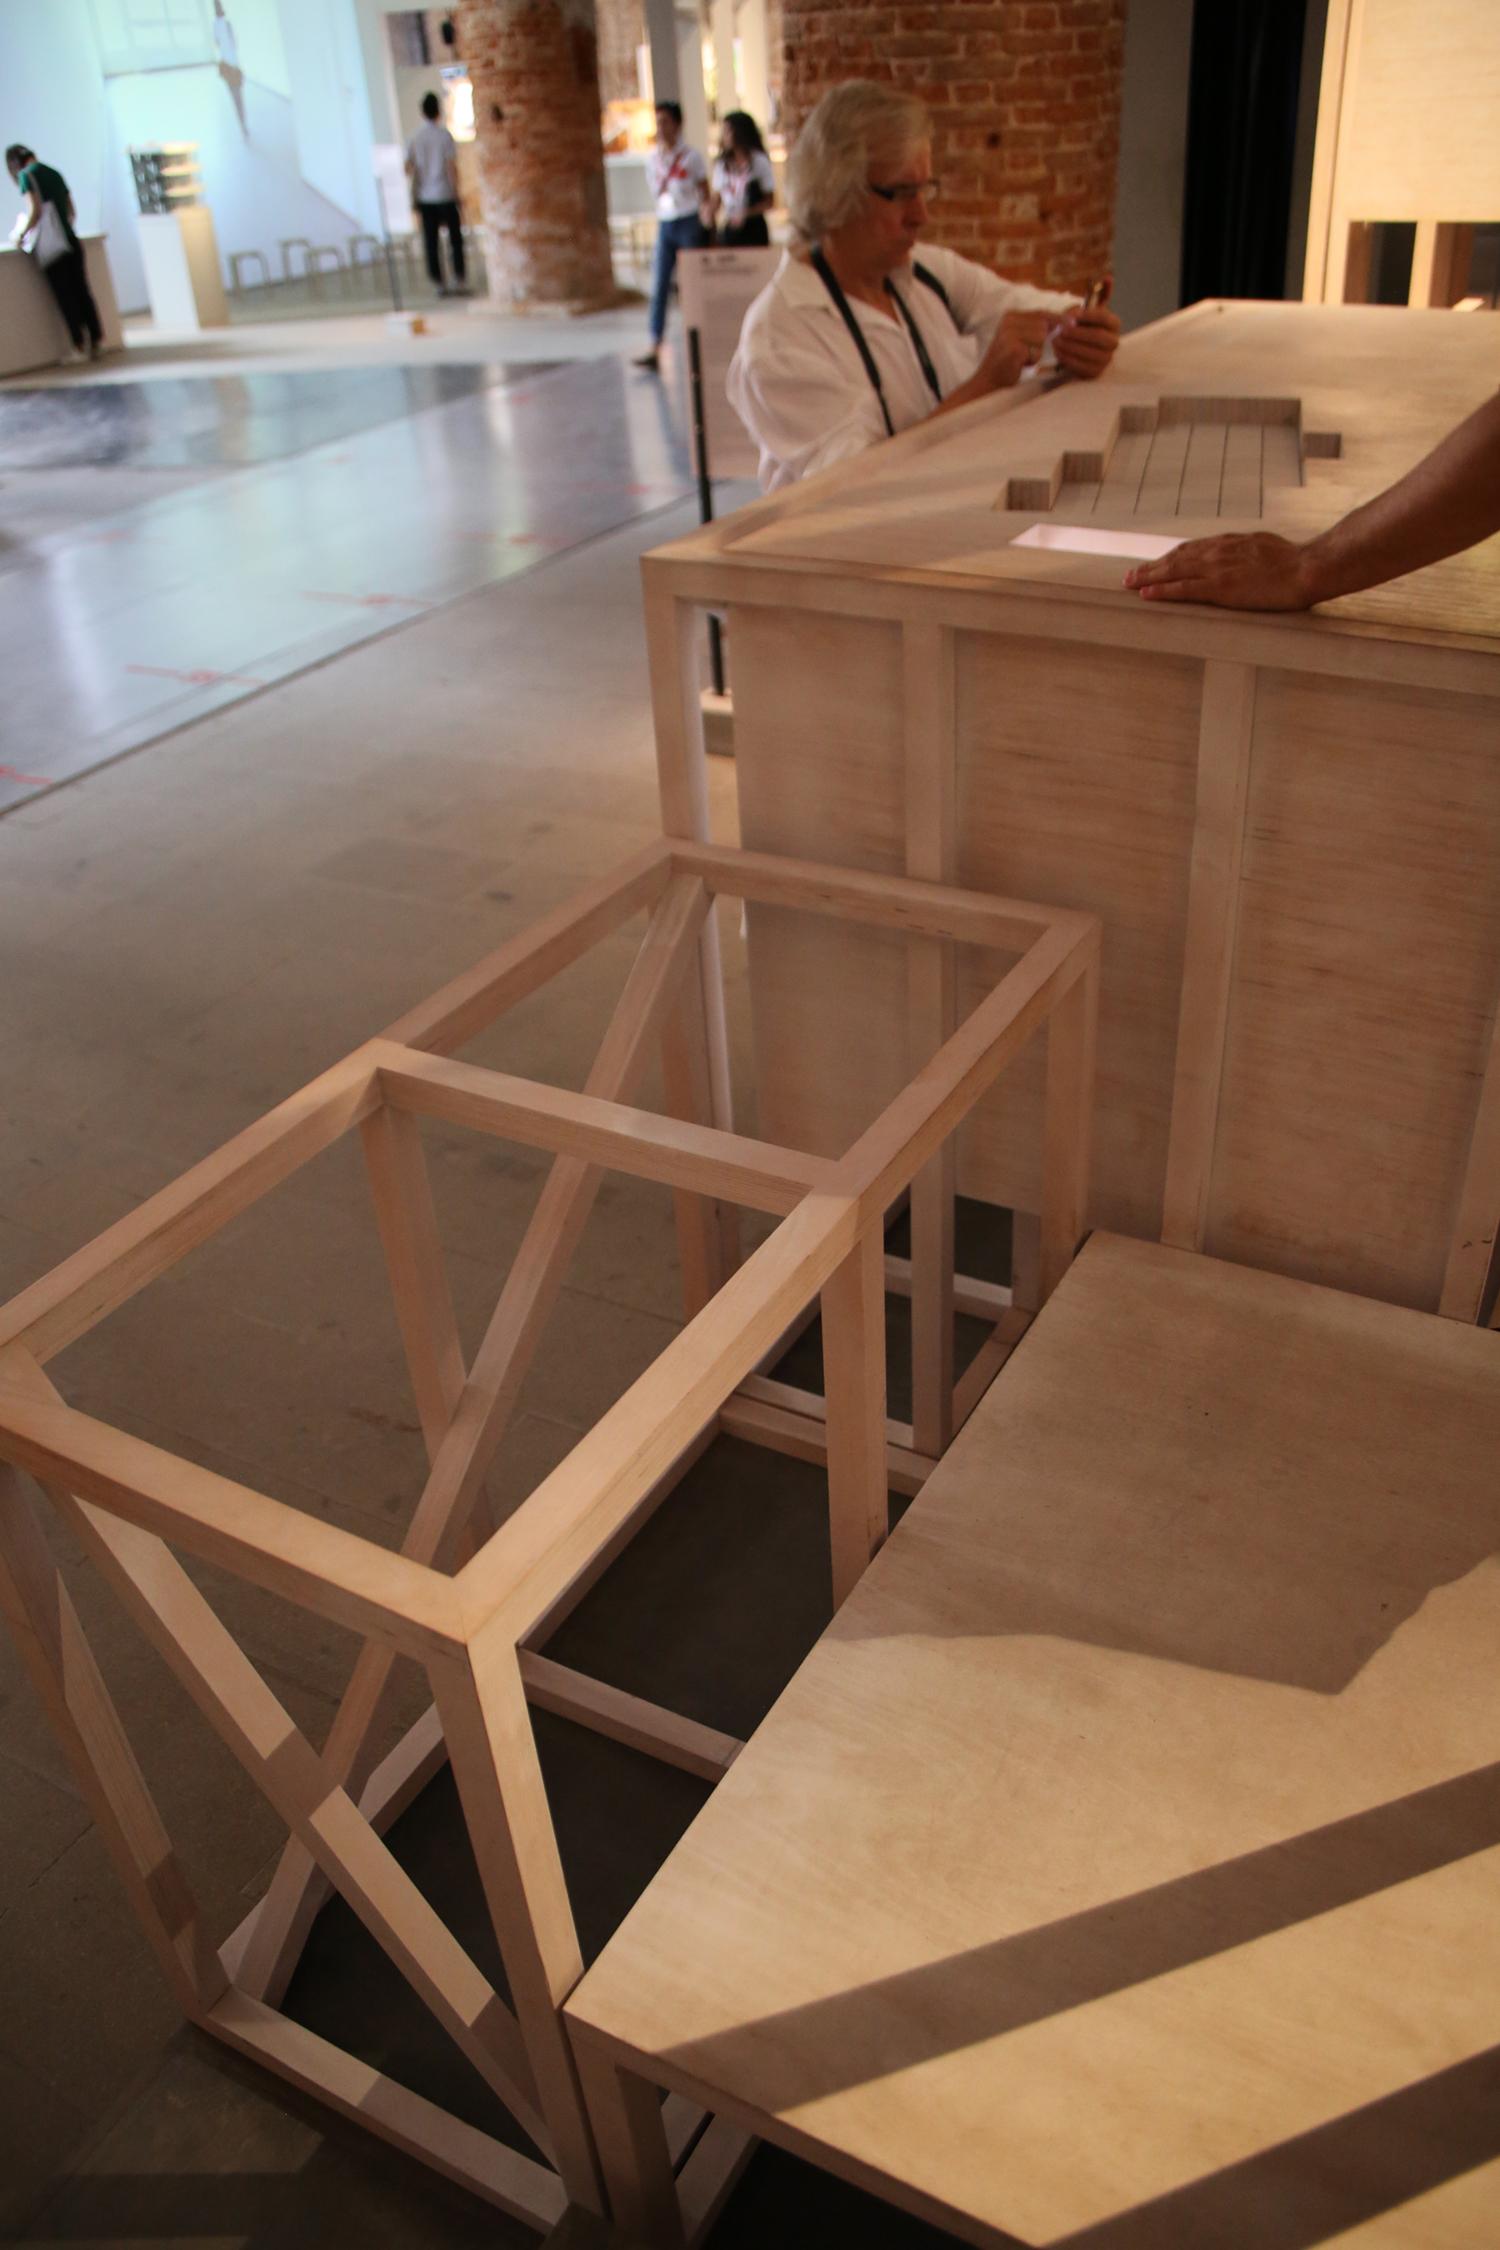 biennale architecture venise 2018 461.JPG